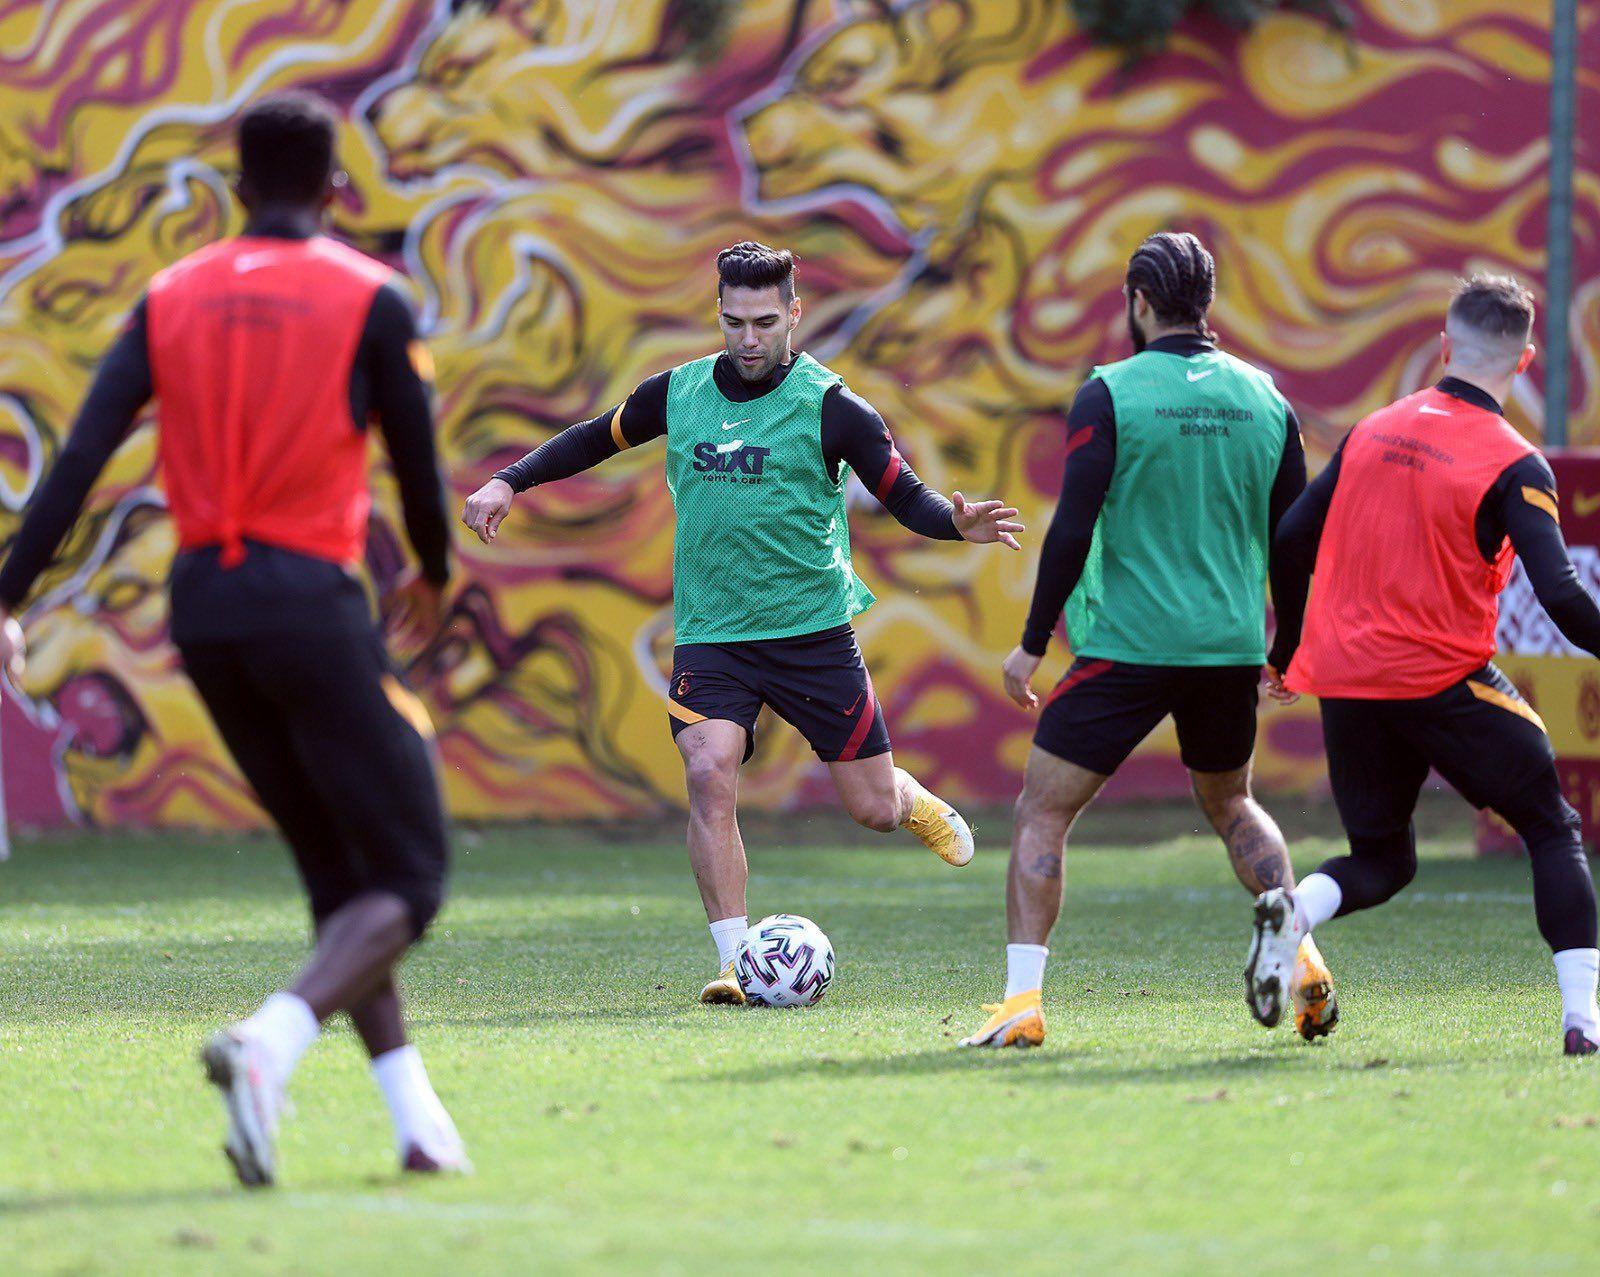 ¡Falcao está de regreso! Entrenó de nuevo con Galatasaray